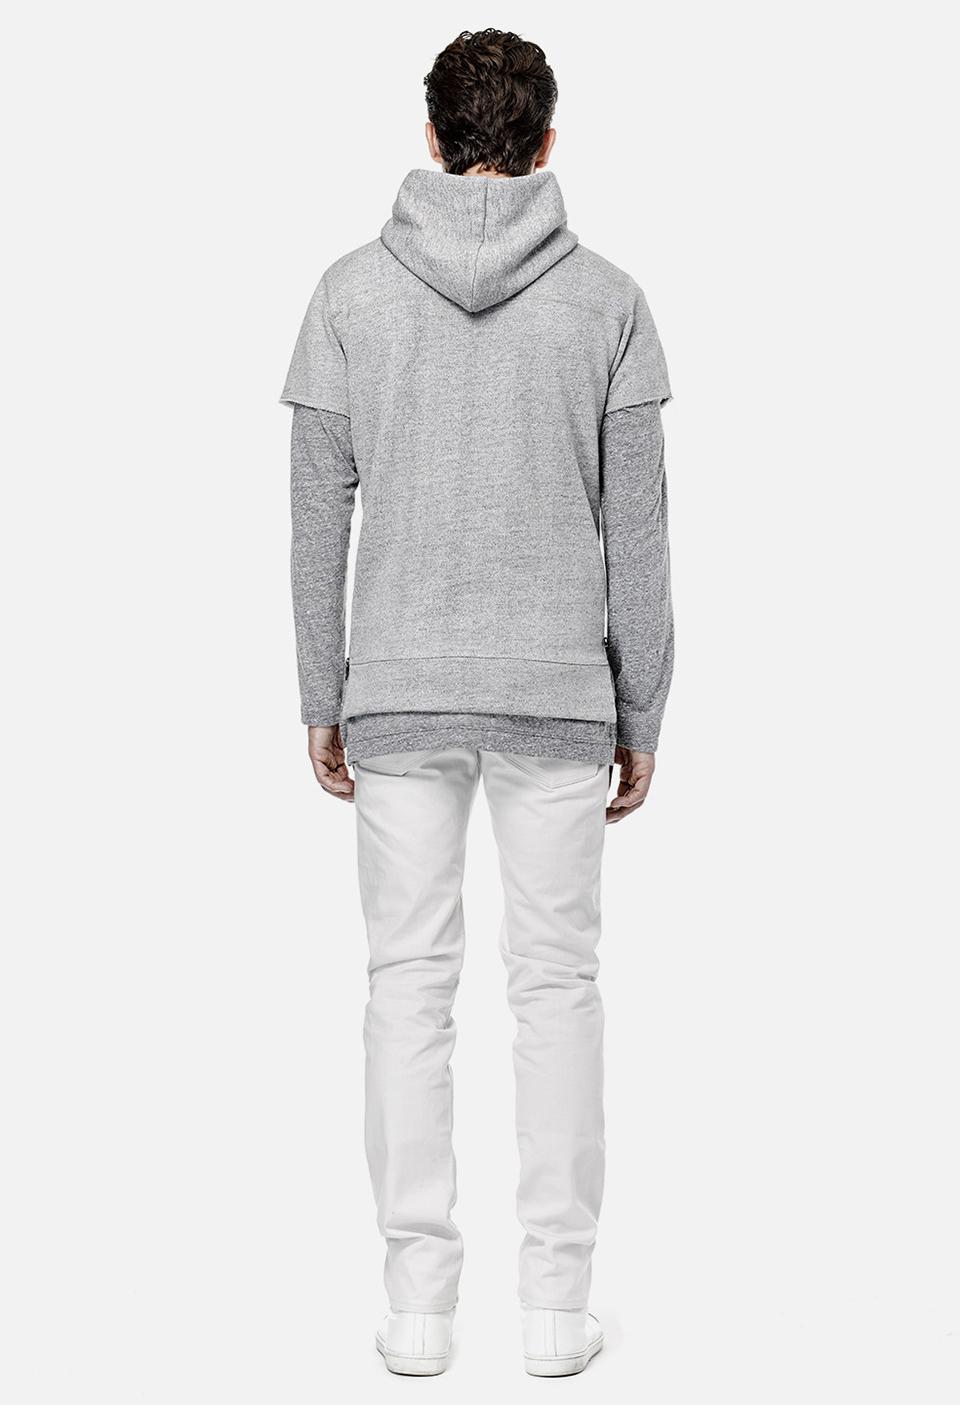 John Elliott Villain Sweatshirts